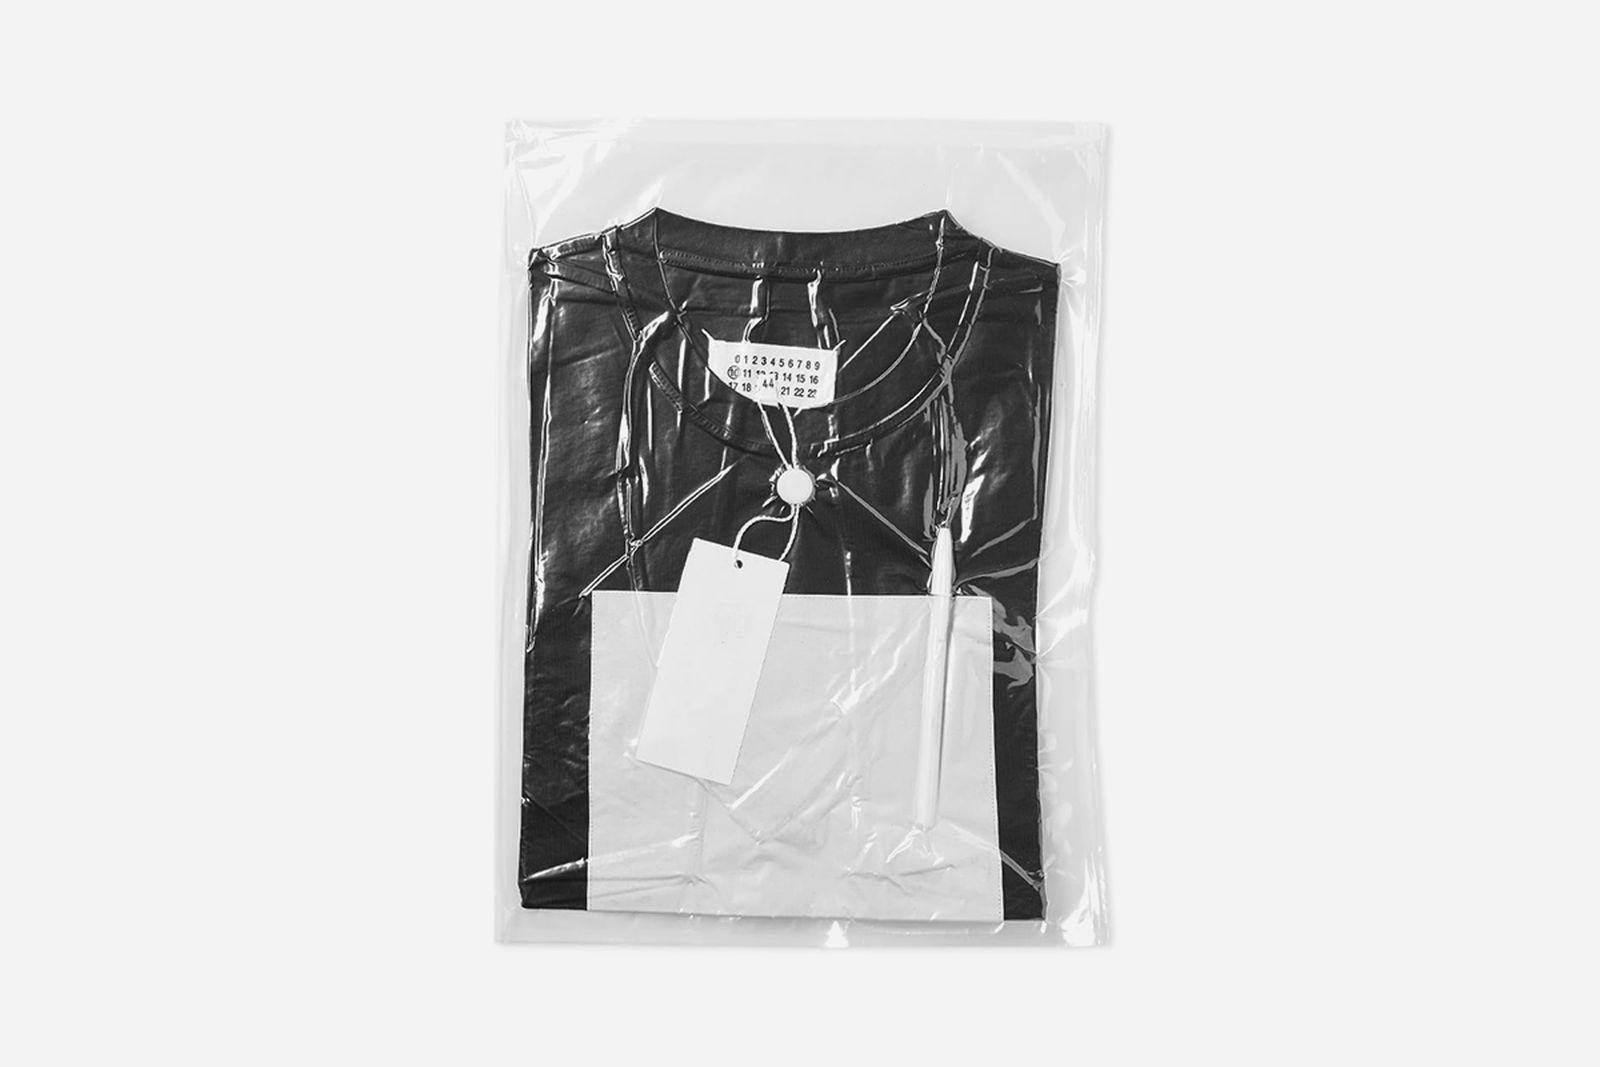 27 11 2017 maisonmargiela 10blackcanvastee black s50gc0494 s23182 900 hh 1 Stüssy end sale